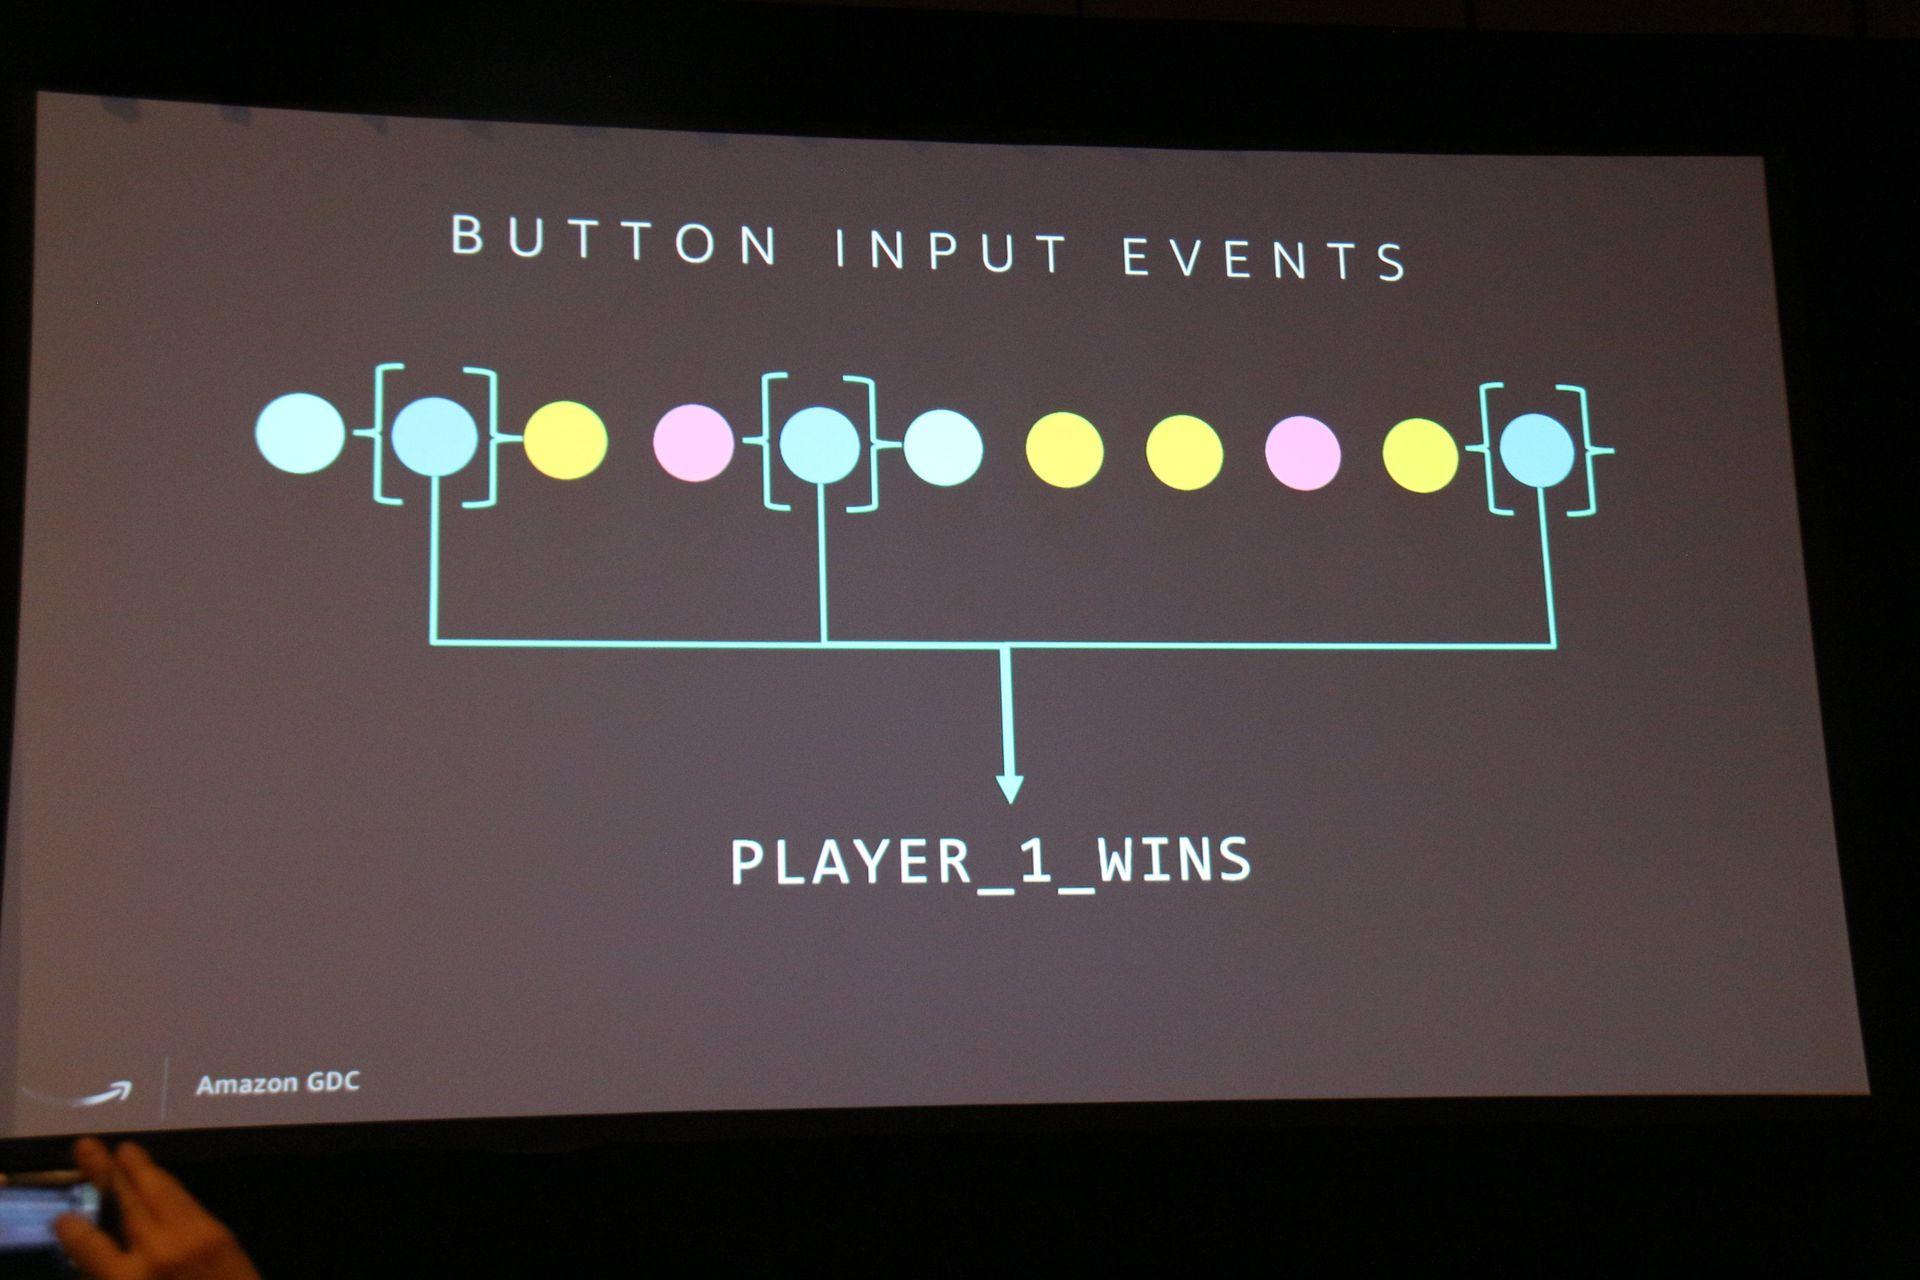 ボイスゲームの単純な考え方